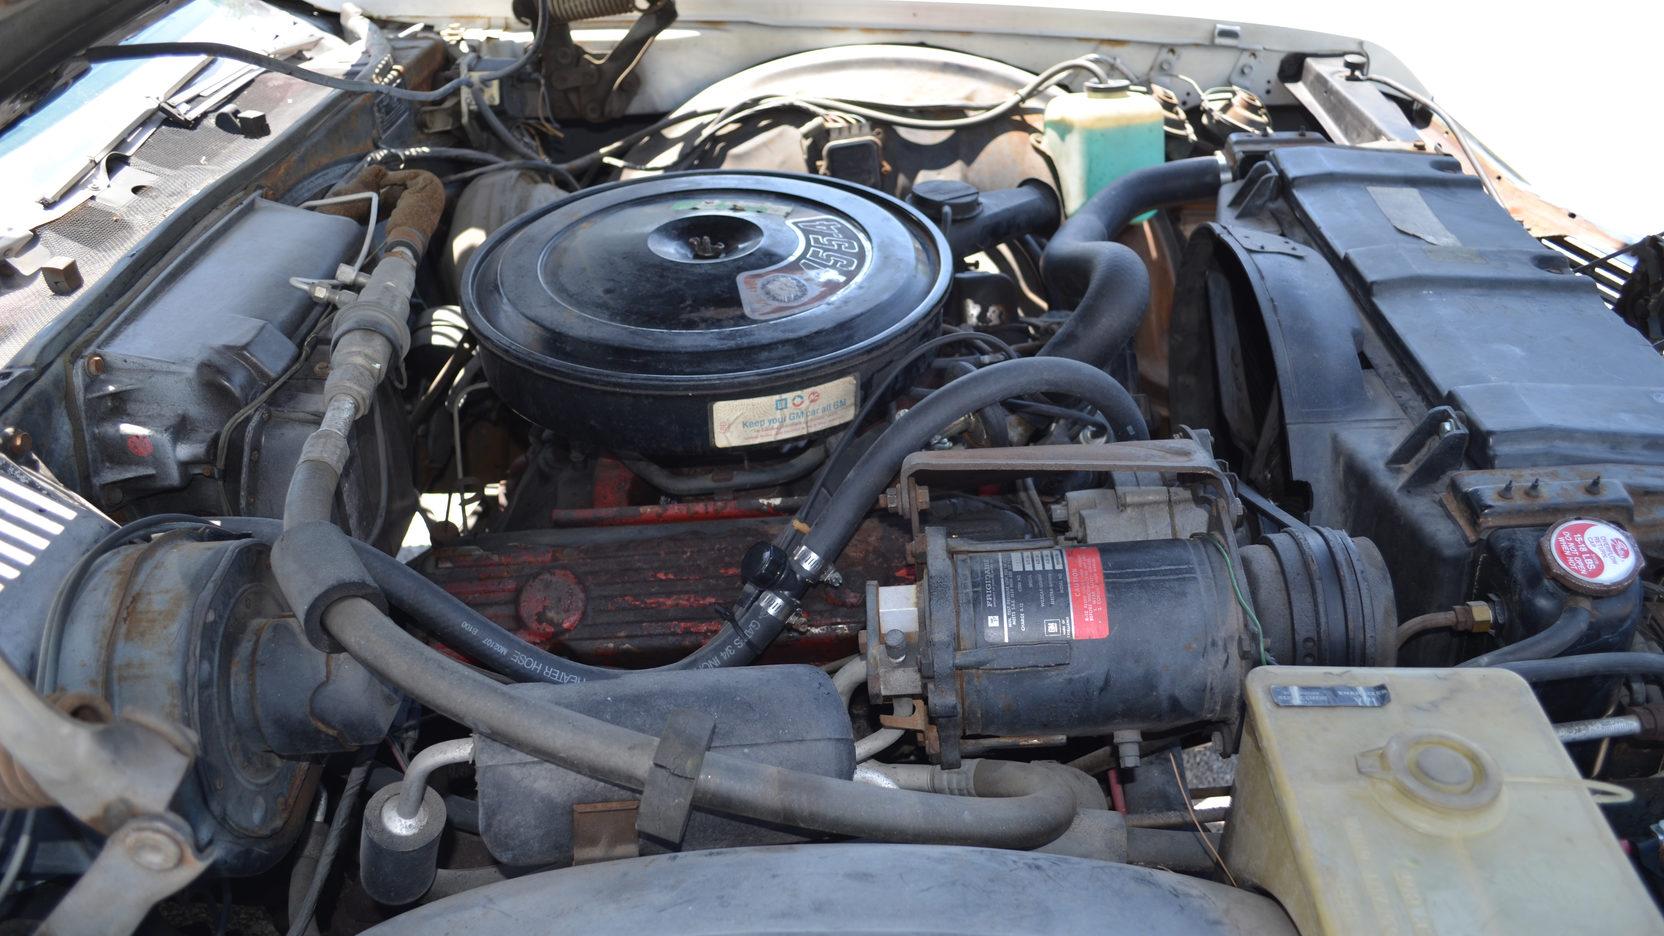 1970 Buick Wildcat engine side